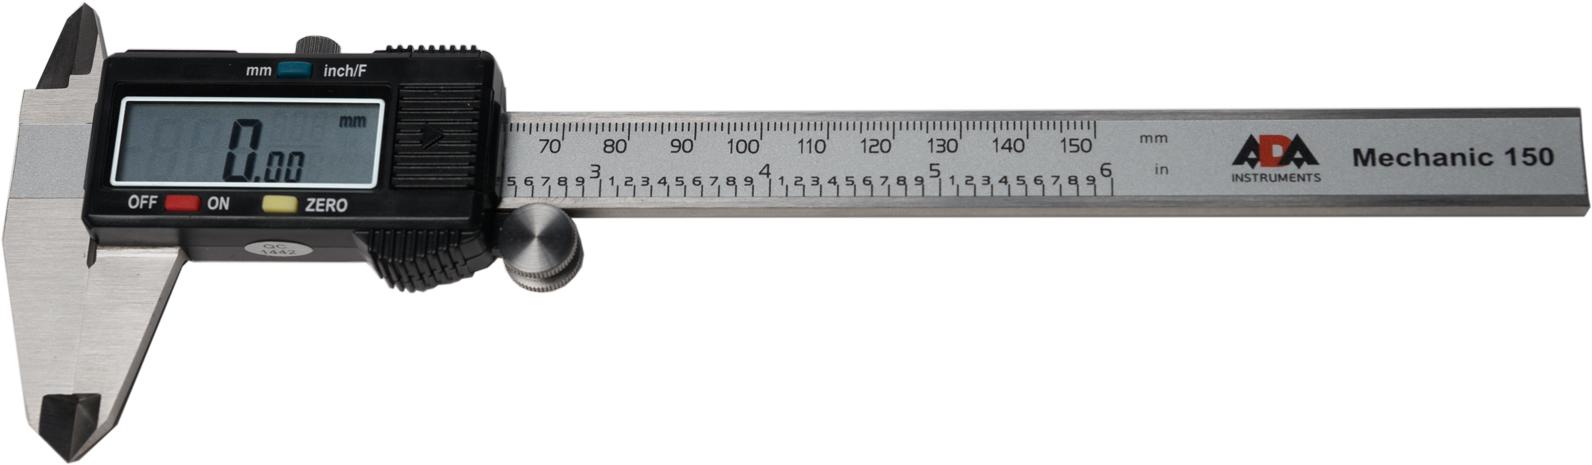 Штангенциркуль цифровой ADA Mechanic 150А00379Цифровой штангенциркуль ADA Mechanic 150 используется для проведения как наружных,так и внутренних измерений различных изделий или заготовок. Измерения производятся свысокой точностью ±0.03 мм. Результаты отображаются на ЖК дисплее с точностью дотысячных. Нажатием кнопки можно перевести миллиметры в дюймы. Результатыизмерения отражаются на ЖК экране крупными цифрами.В любом положении подвижной рамки можно обнулить значение и начать измерения отэтого положения. Например при определении разницы между диаметрами двух деталей.Включение штангенциркуля происходит автоматически при сдвиге рамки. Подвижнаярамка имеет специальное колесико для точной установки и винтовой фиксатор.Корпус дисплея ADA Mechanic 150 изготовлен из пластика, остальная часть прибора —нержавеющая сталь.Цифровой штангенциркуль ADA Mechanic 150 точный и качественный ручнойизмерительный инструмент.Длина измерения: 0-150 мм Разрешение : 0.01мм Точность: ±0.03 мм Питание: 1х SR44